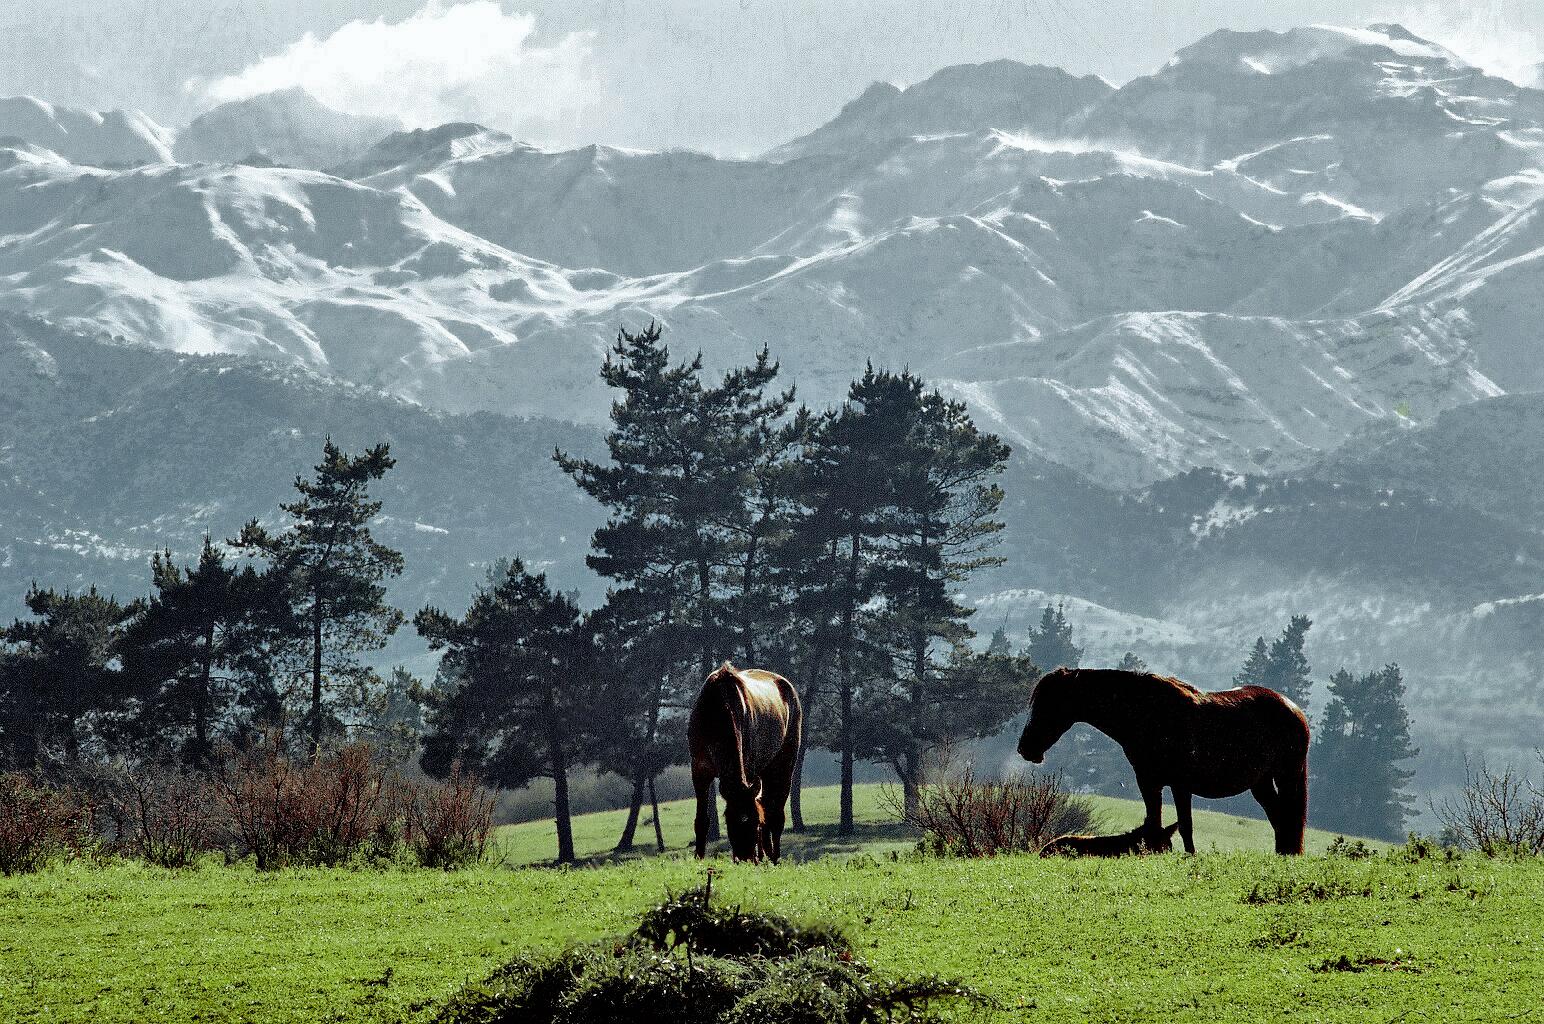 Enterreno - Fotos históricas de chile - fotos antiguas de Chile - La Dehesa en invierno, 1980